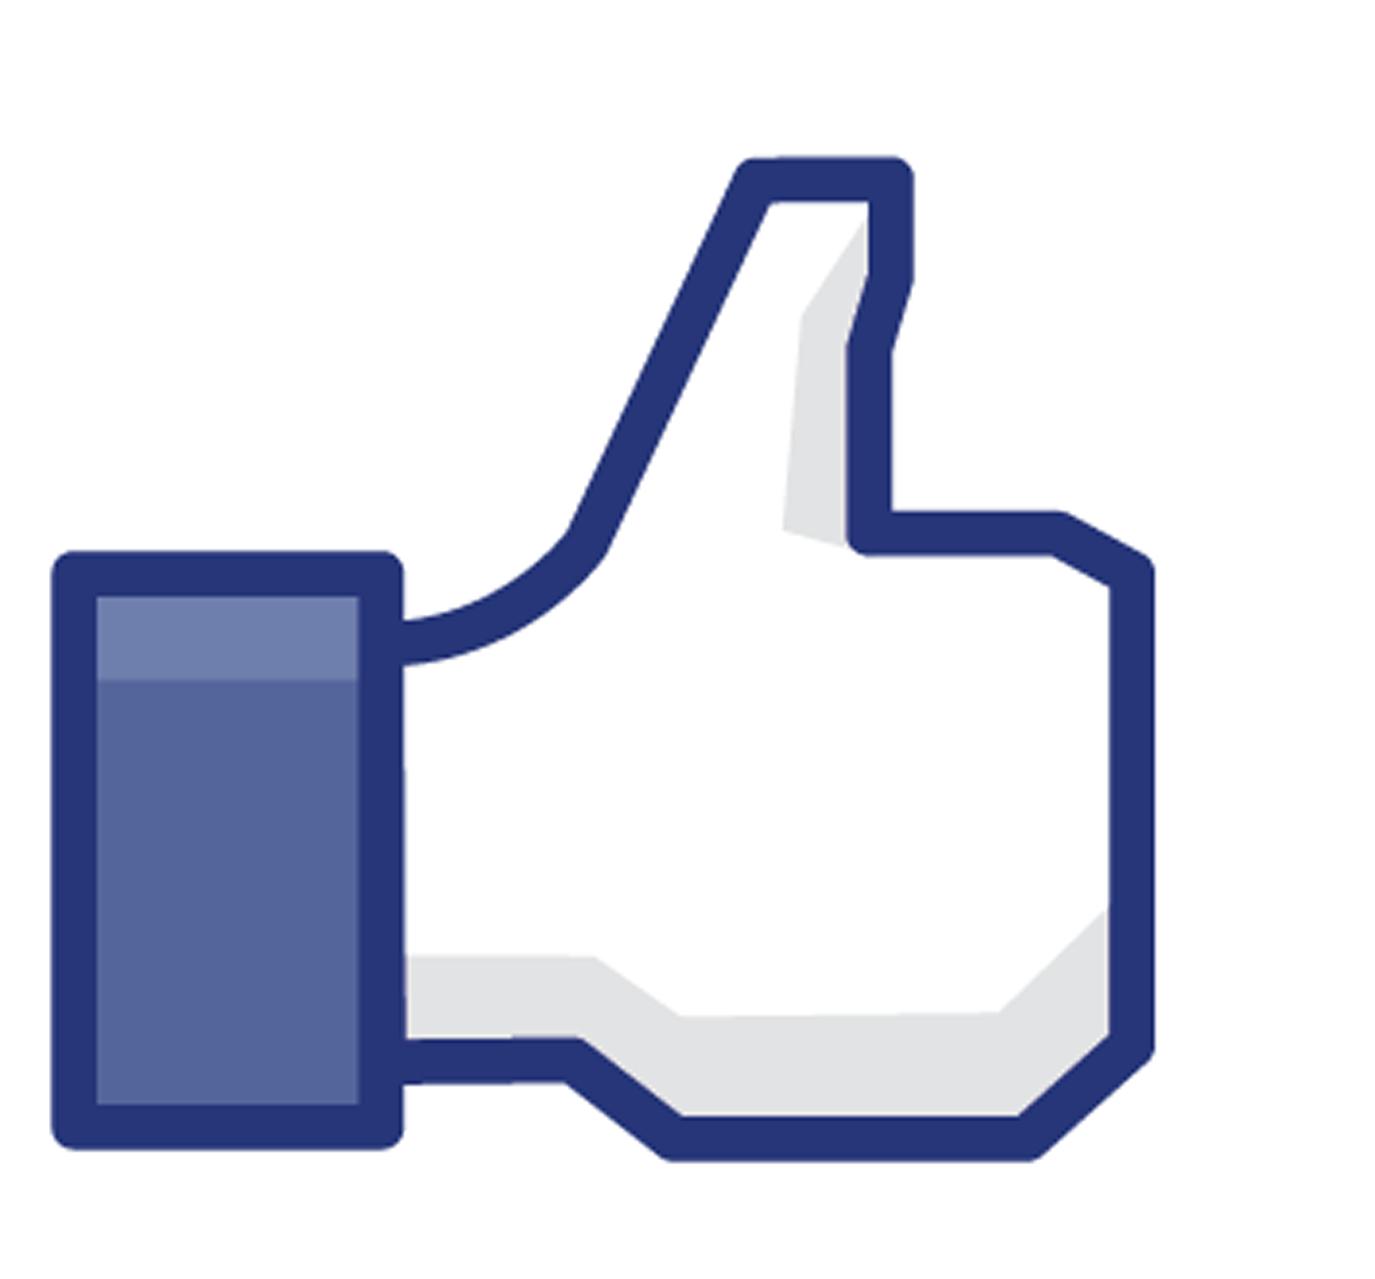 Jaqueta dá abraço quando você ganha curtir no Facebook